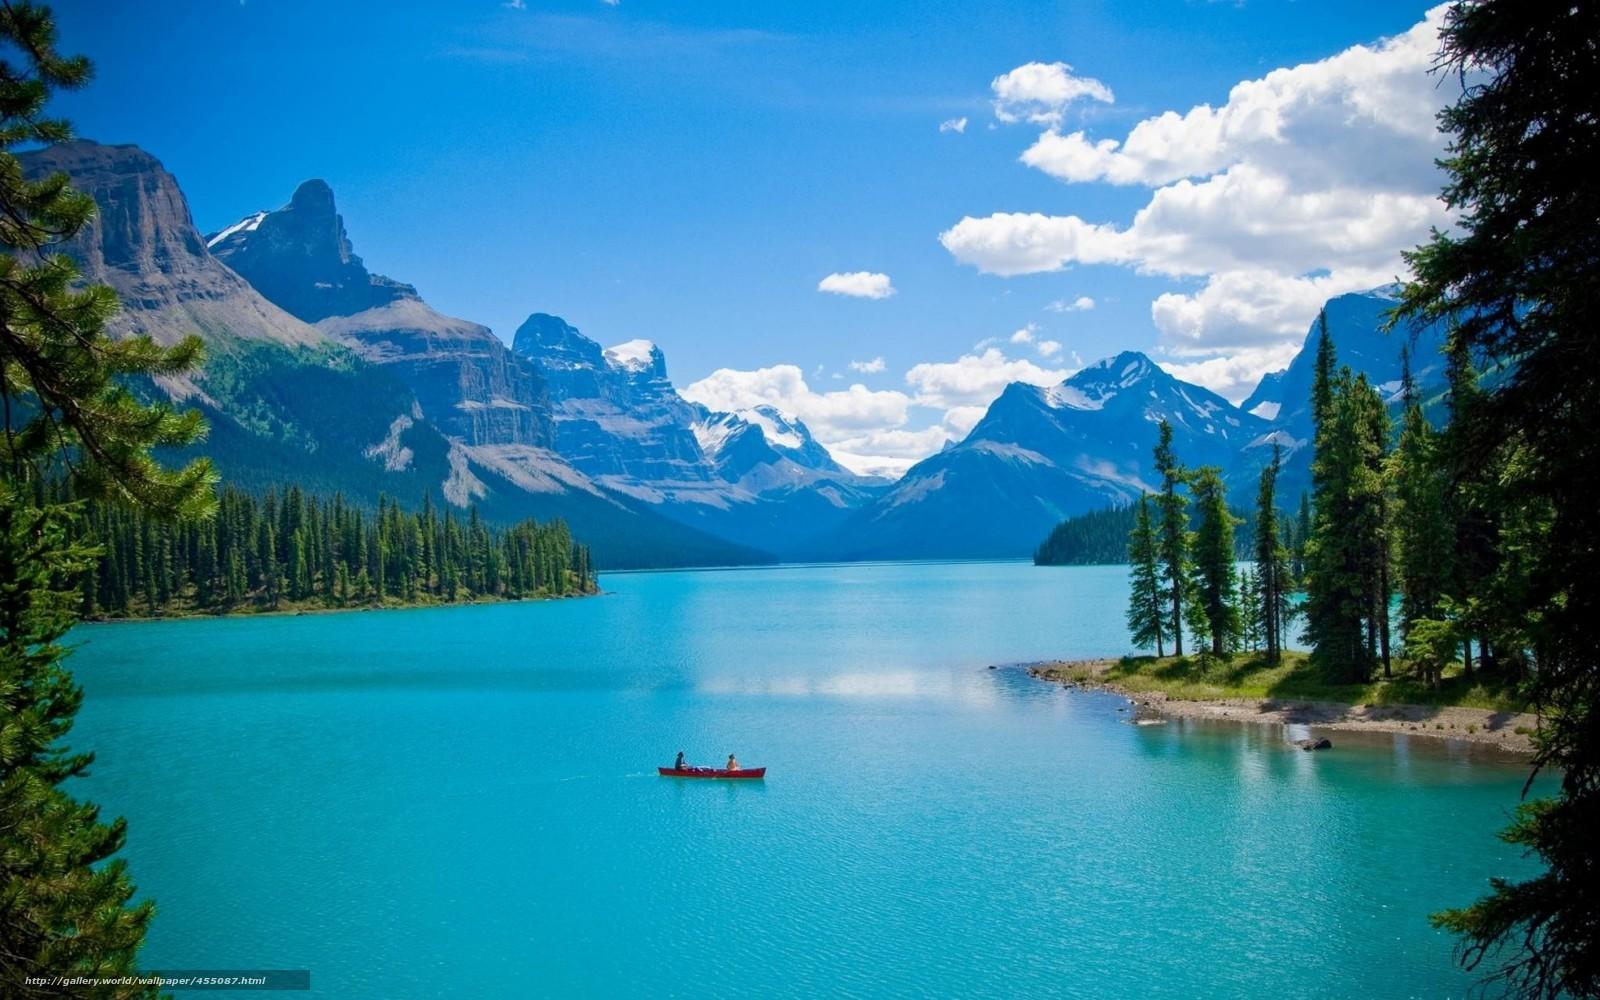 Пейзаж озеро лес горы лодка деревья